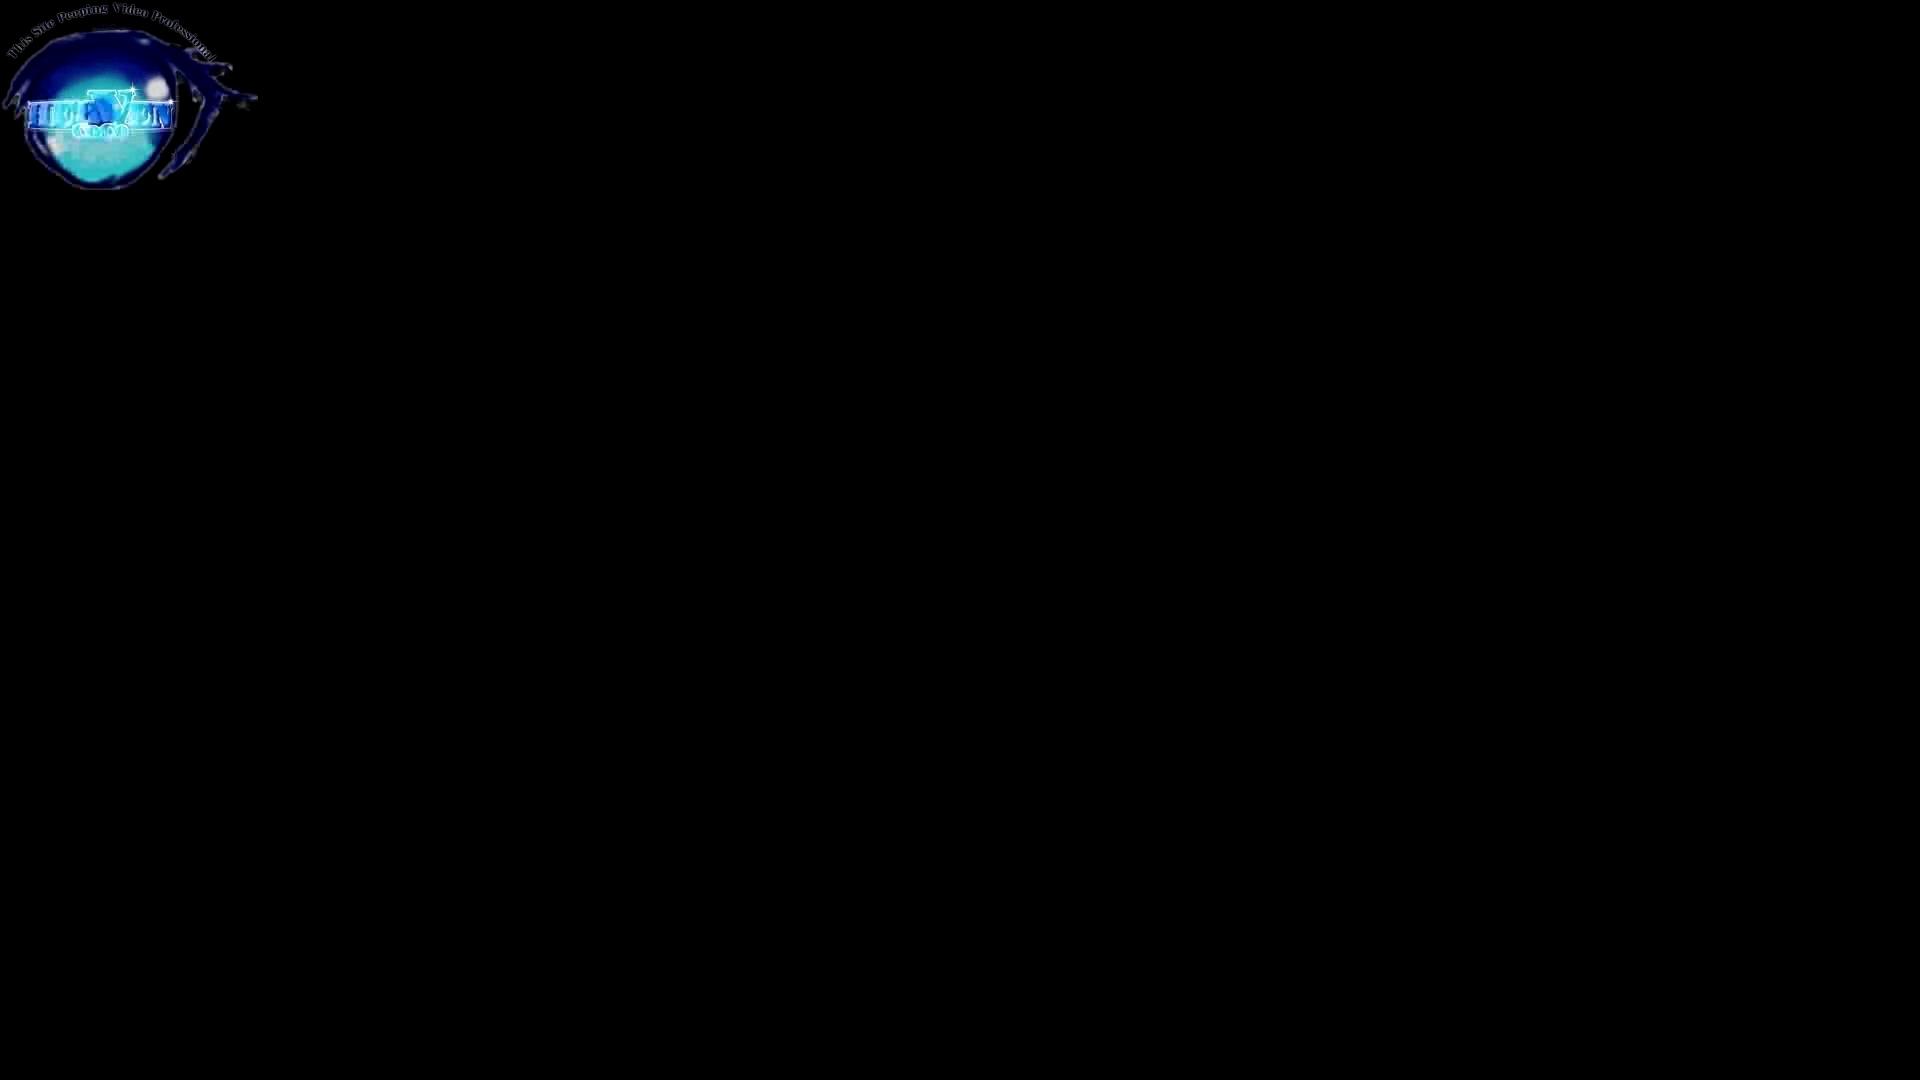 ライブチャットオナニー覗きvol.12 ギャルエロ画像 | OLエロ画像  95PICs 25